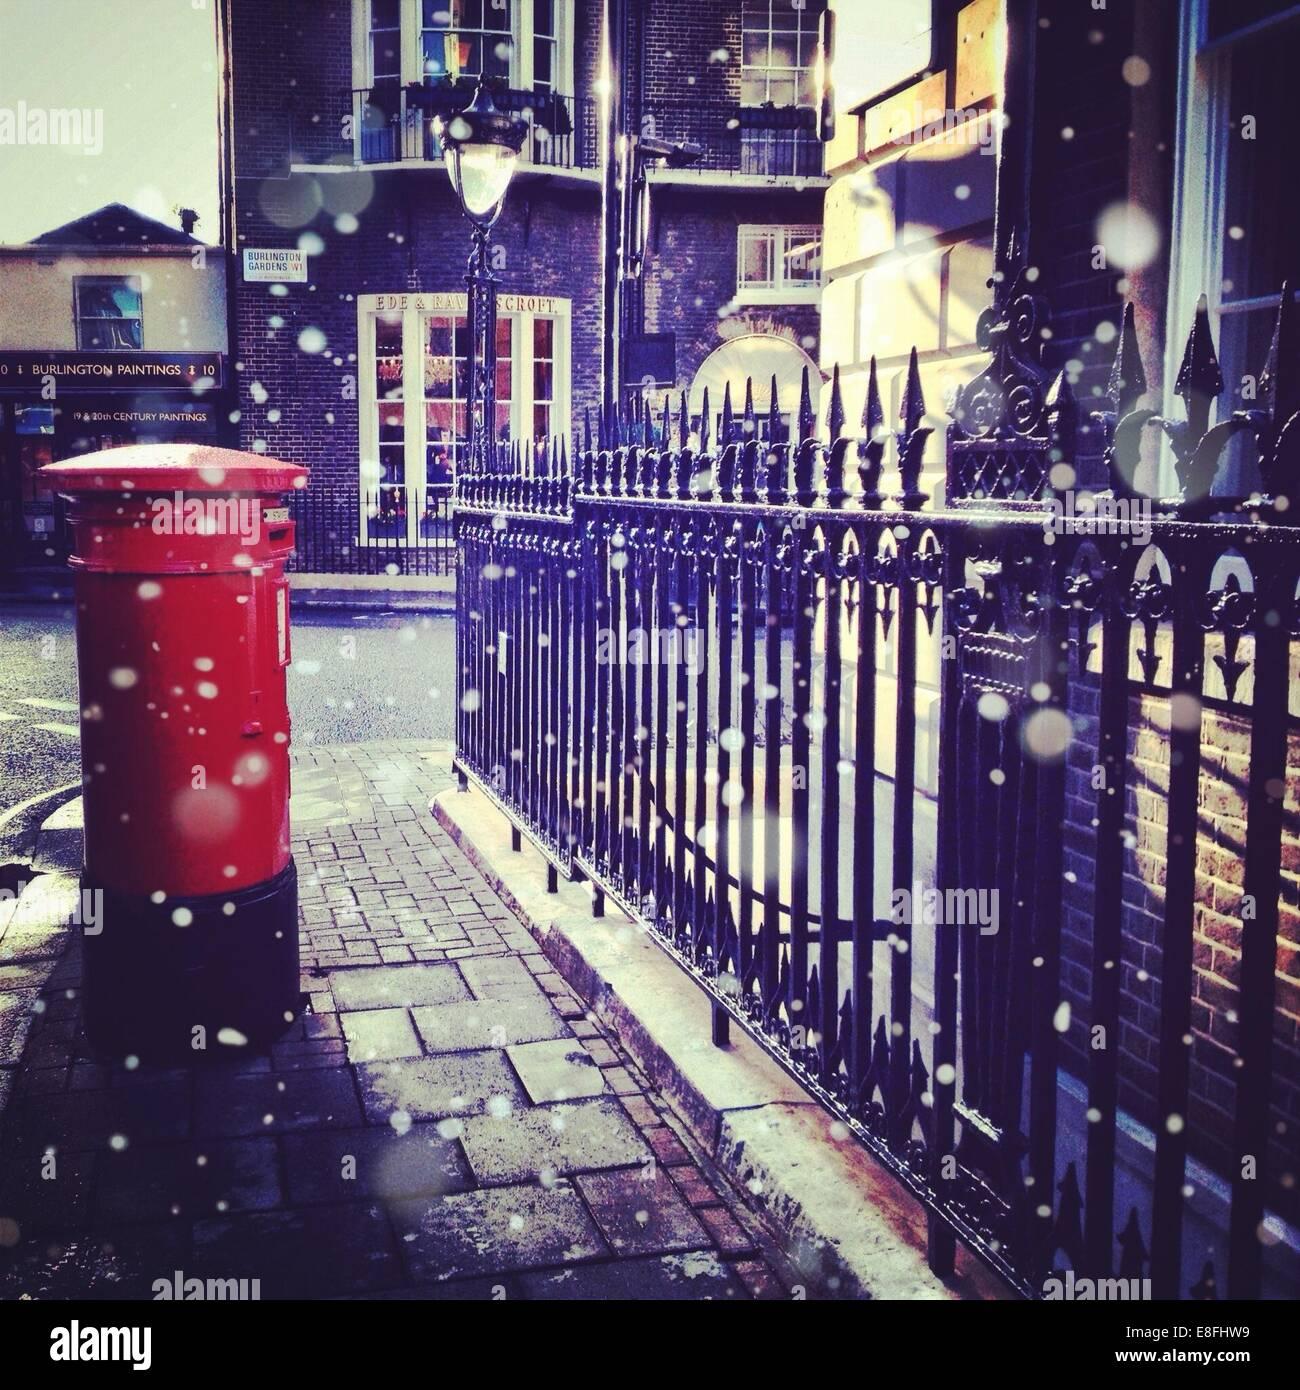 Reino Unido, London, Greater London, Post box y barandilla de hierro Imagen De Stock